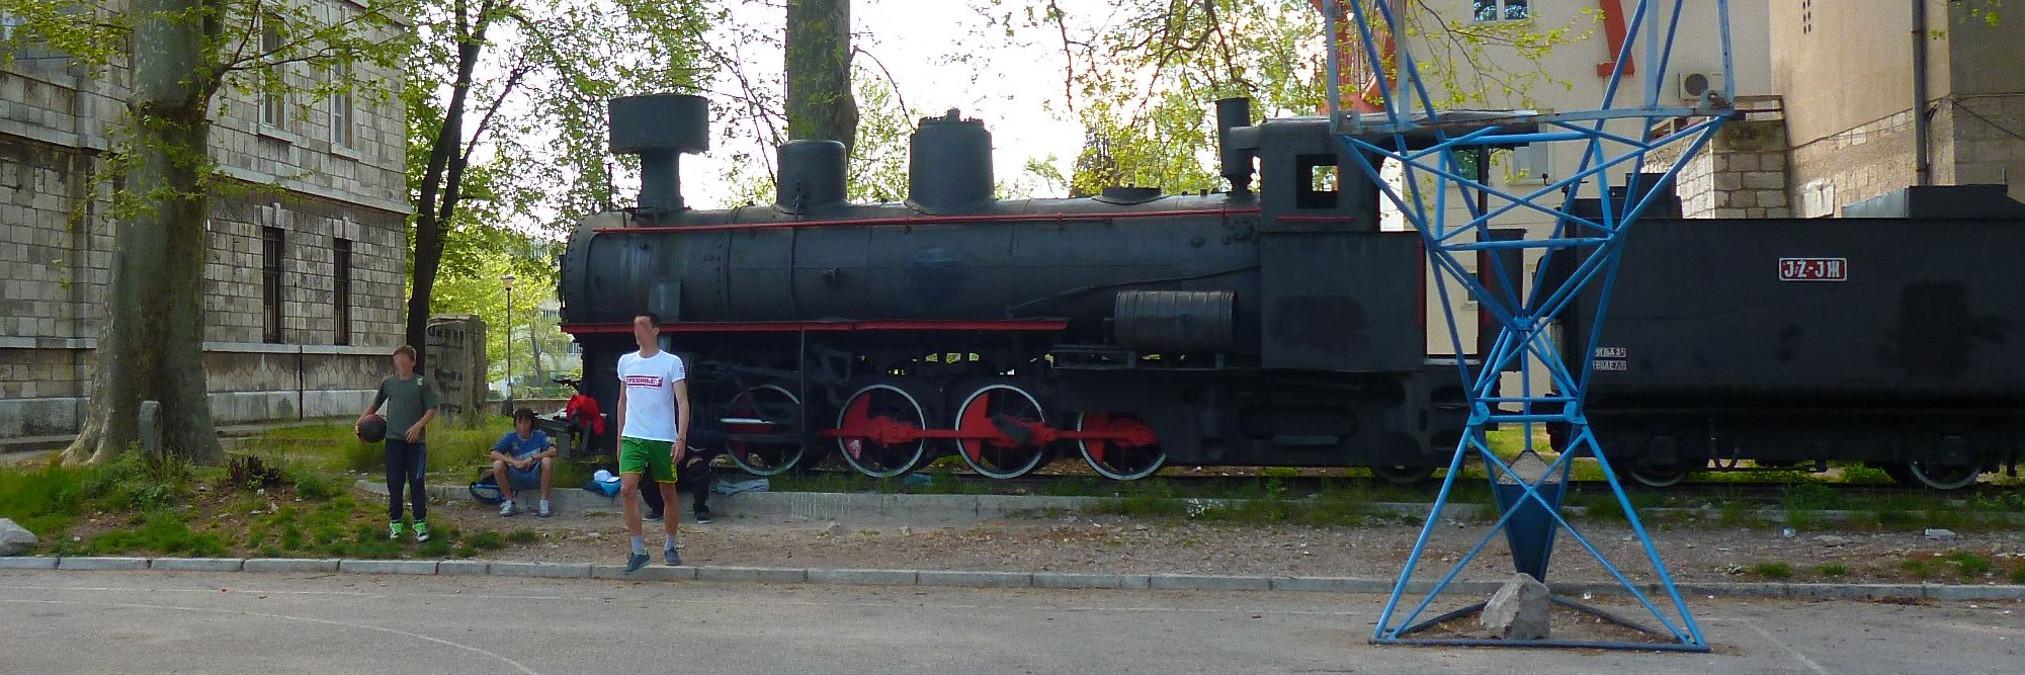 Старая железнодорожная станция в Требине. Фото: Елена Арсениевич, CC BY-SA 3.0